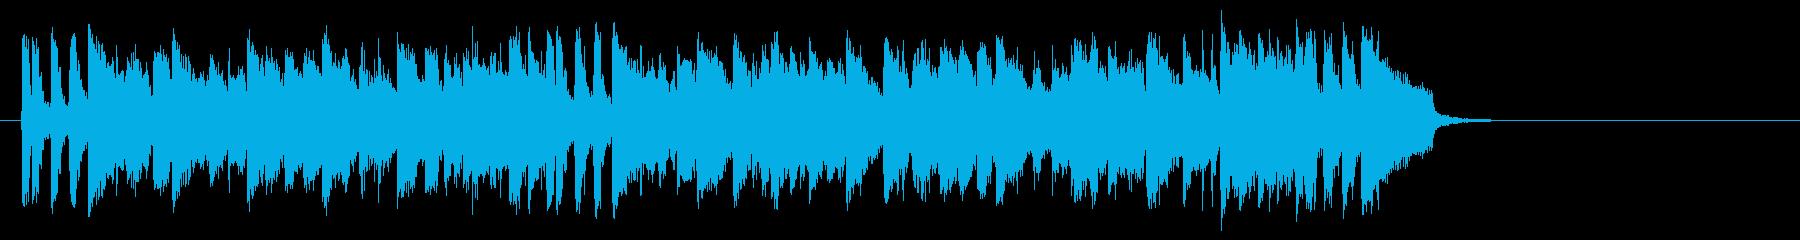 フュージョンバラード(サビ)の再生済みの波形